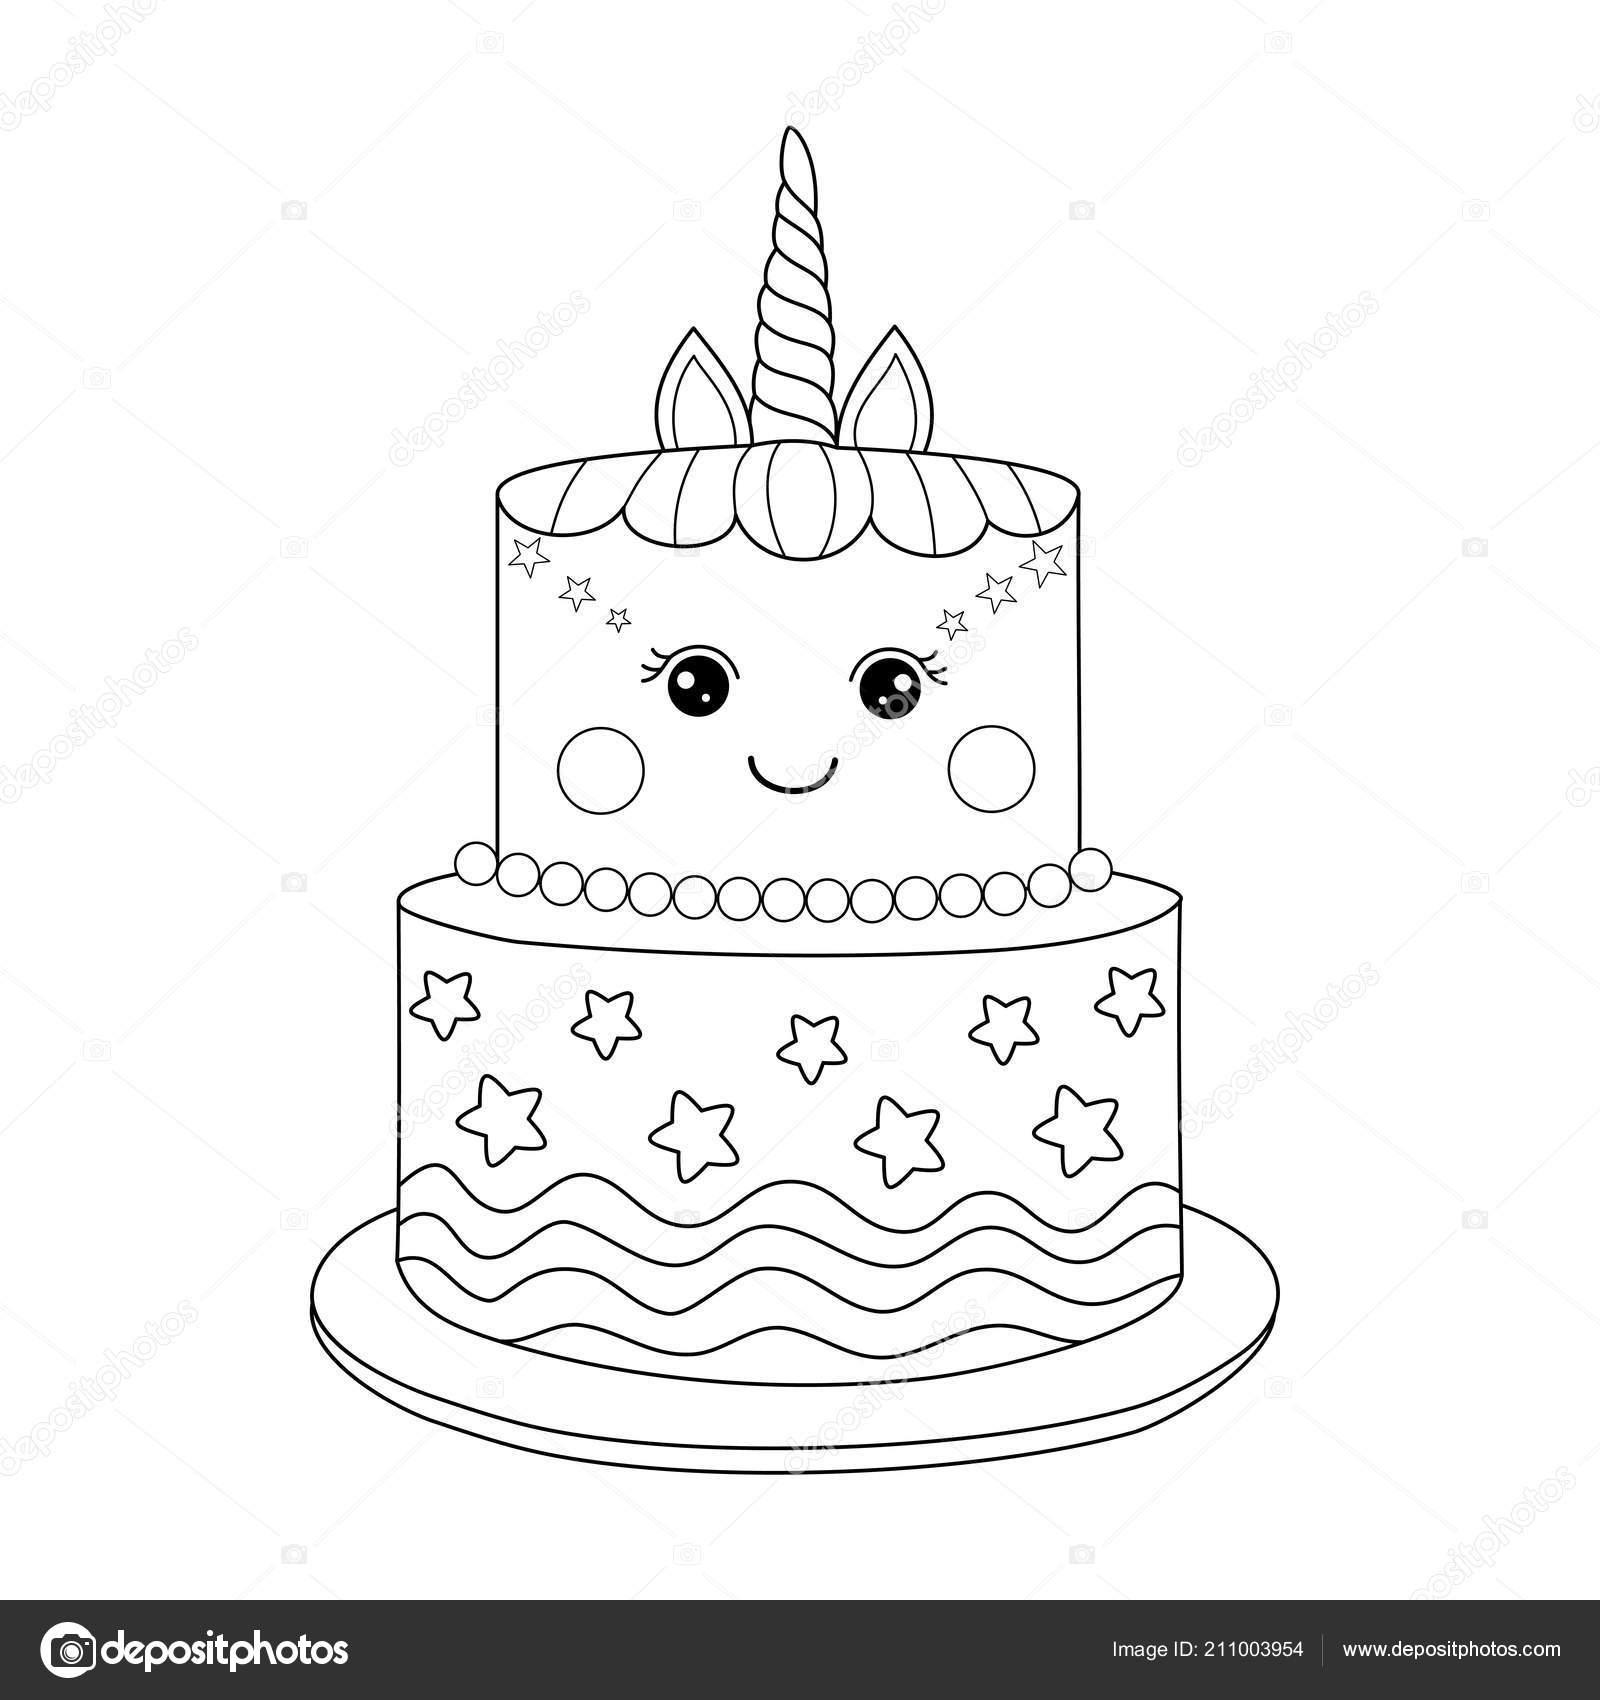 Coloriage Gateau Cake.Gateau Licorne Coloriages Pour Adulte Illustration Vectorielle